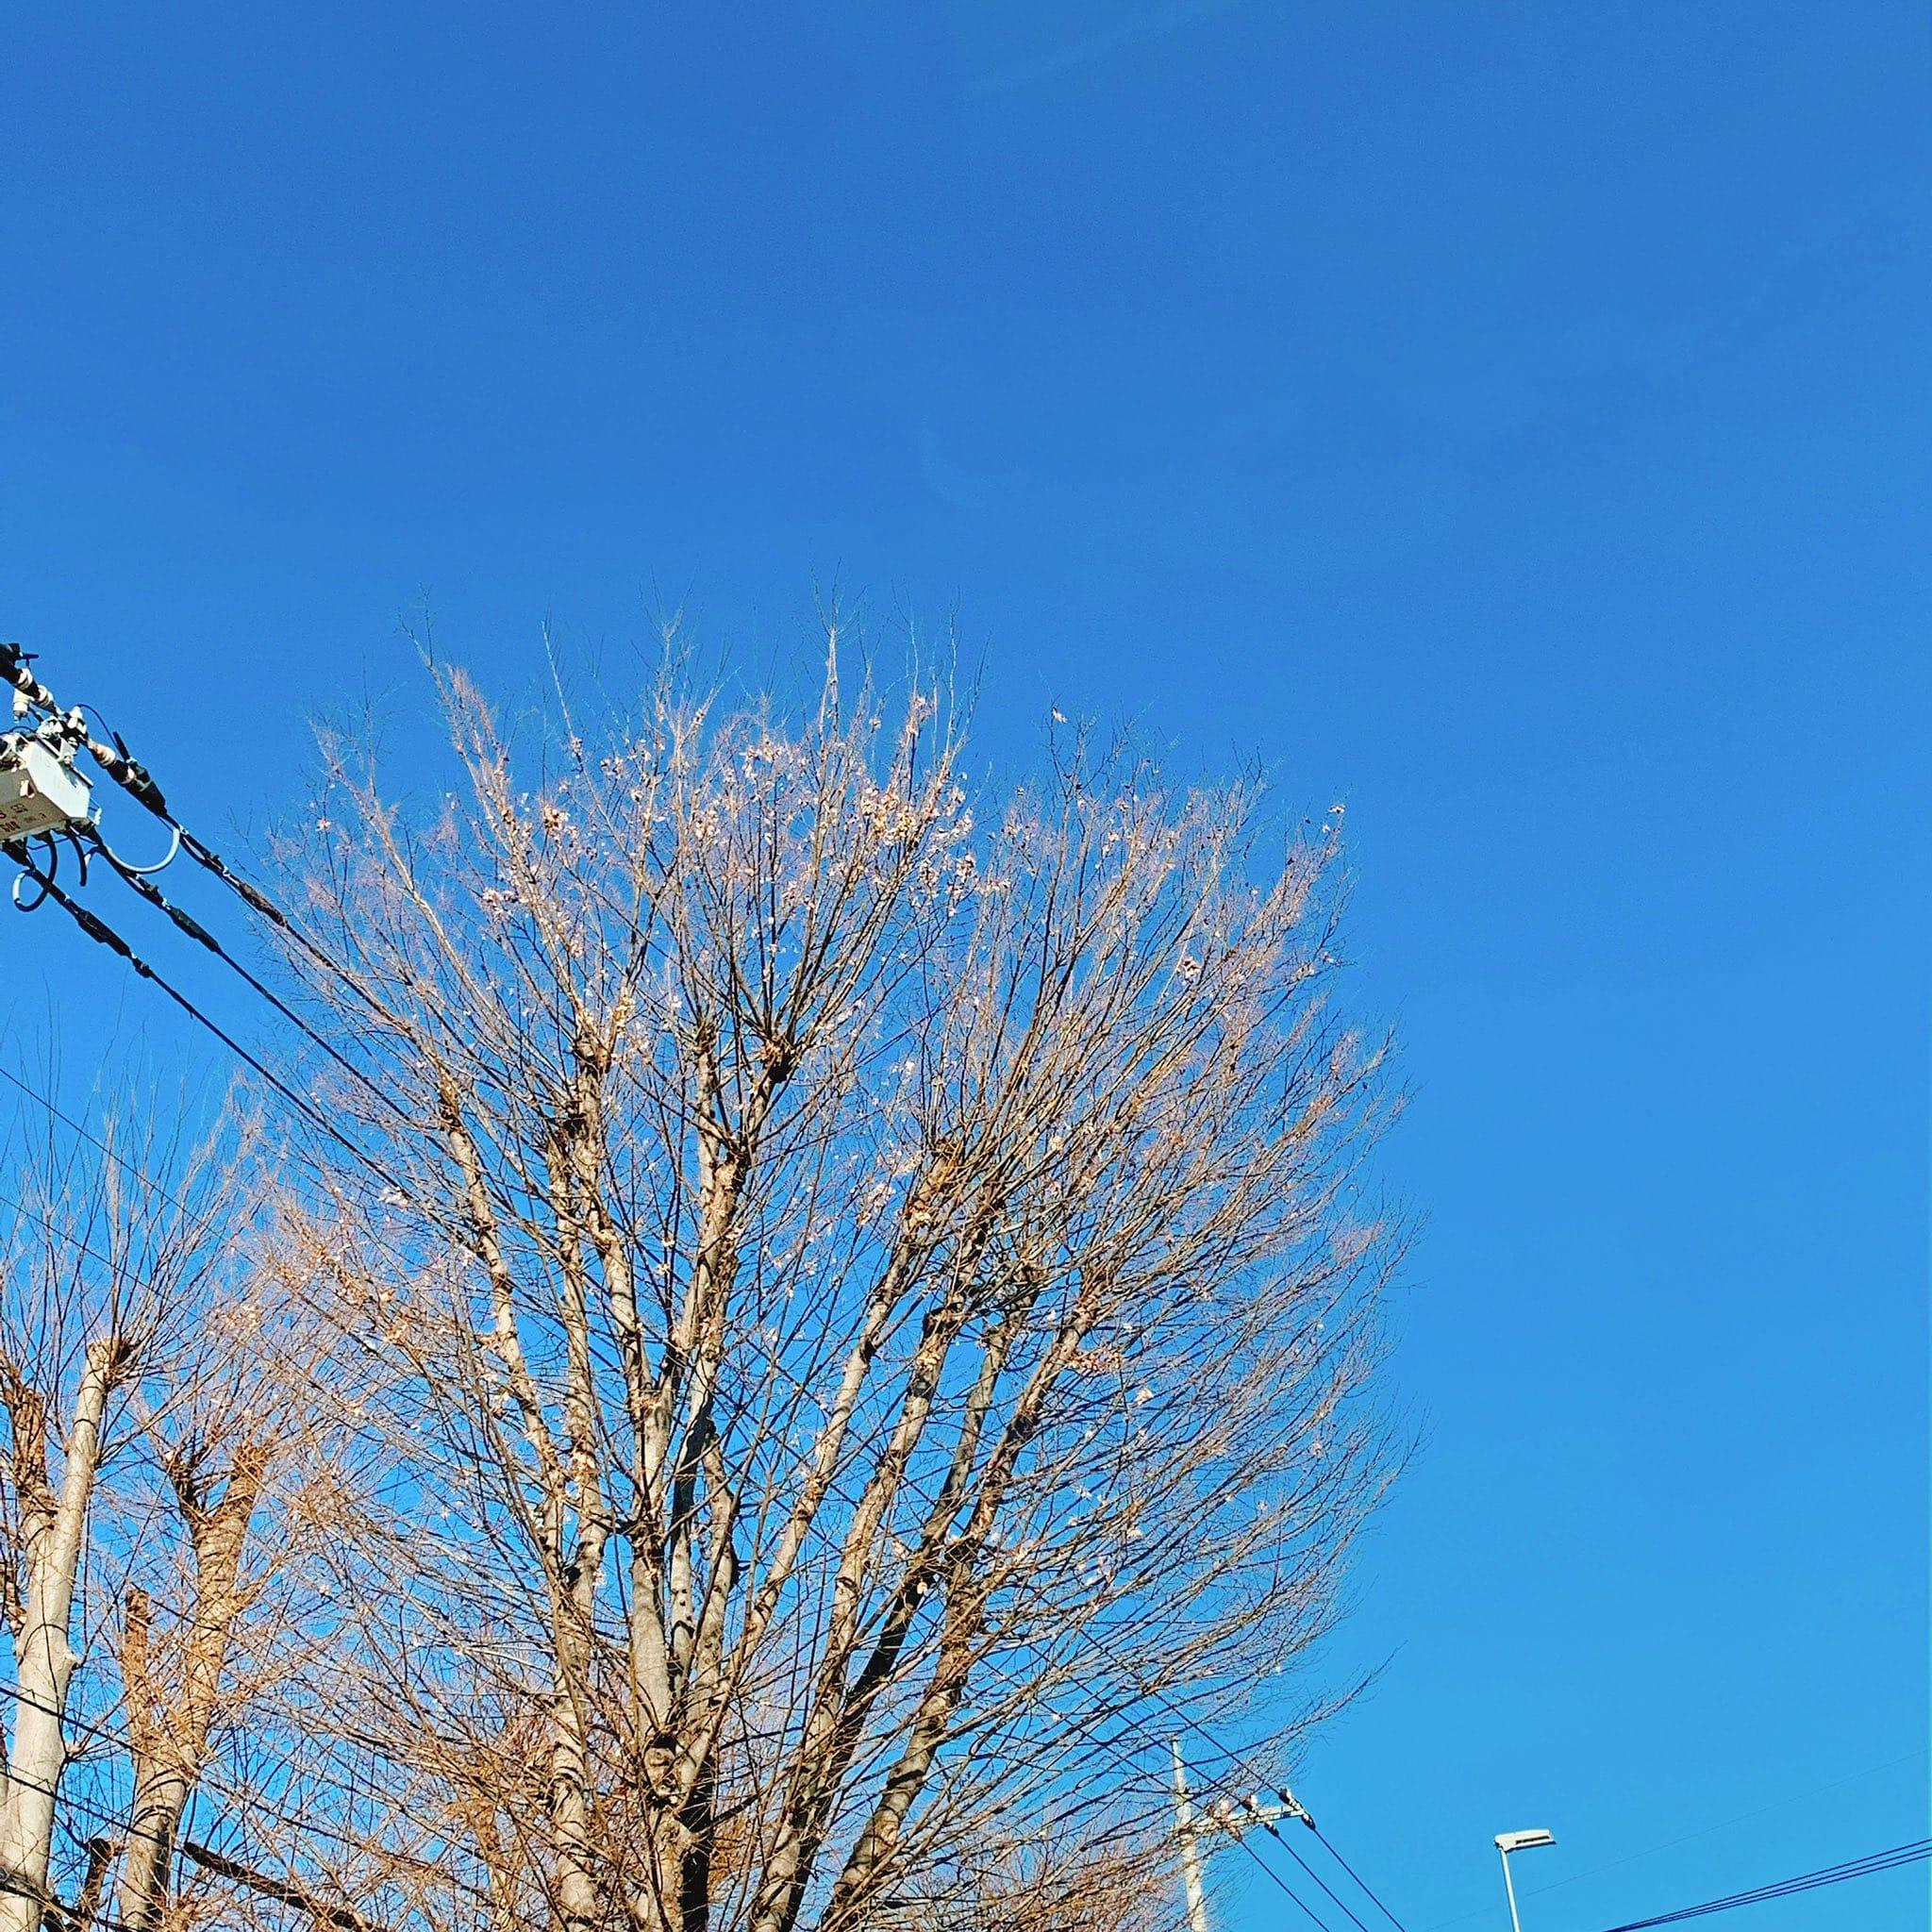 「おはようございます(^-^)」02/18(02/18) 13:04   まきの写メ・風俗動画